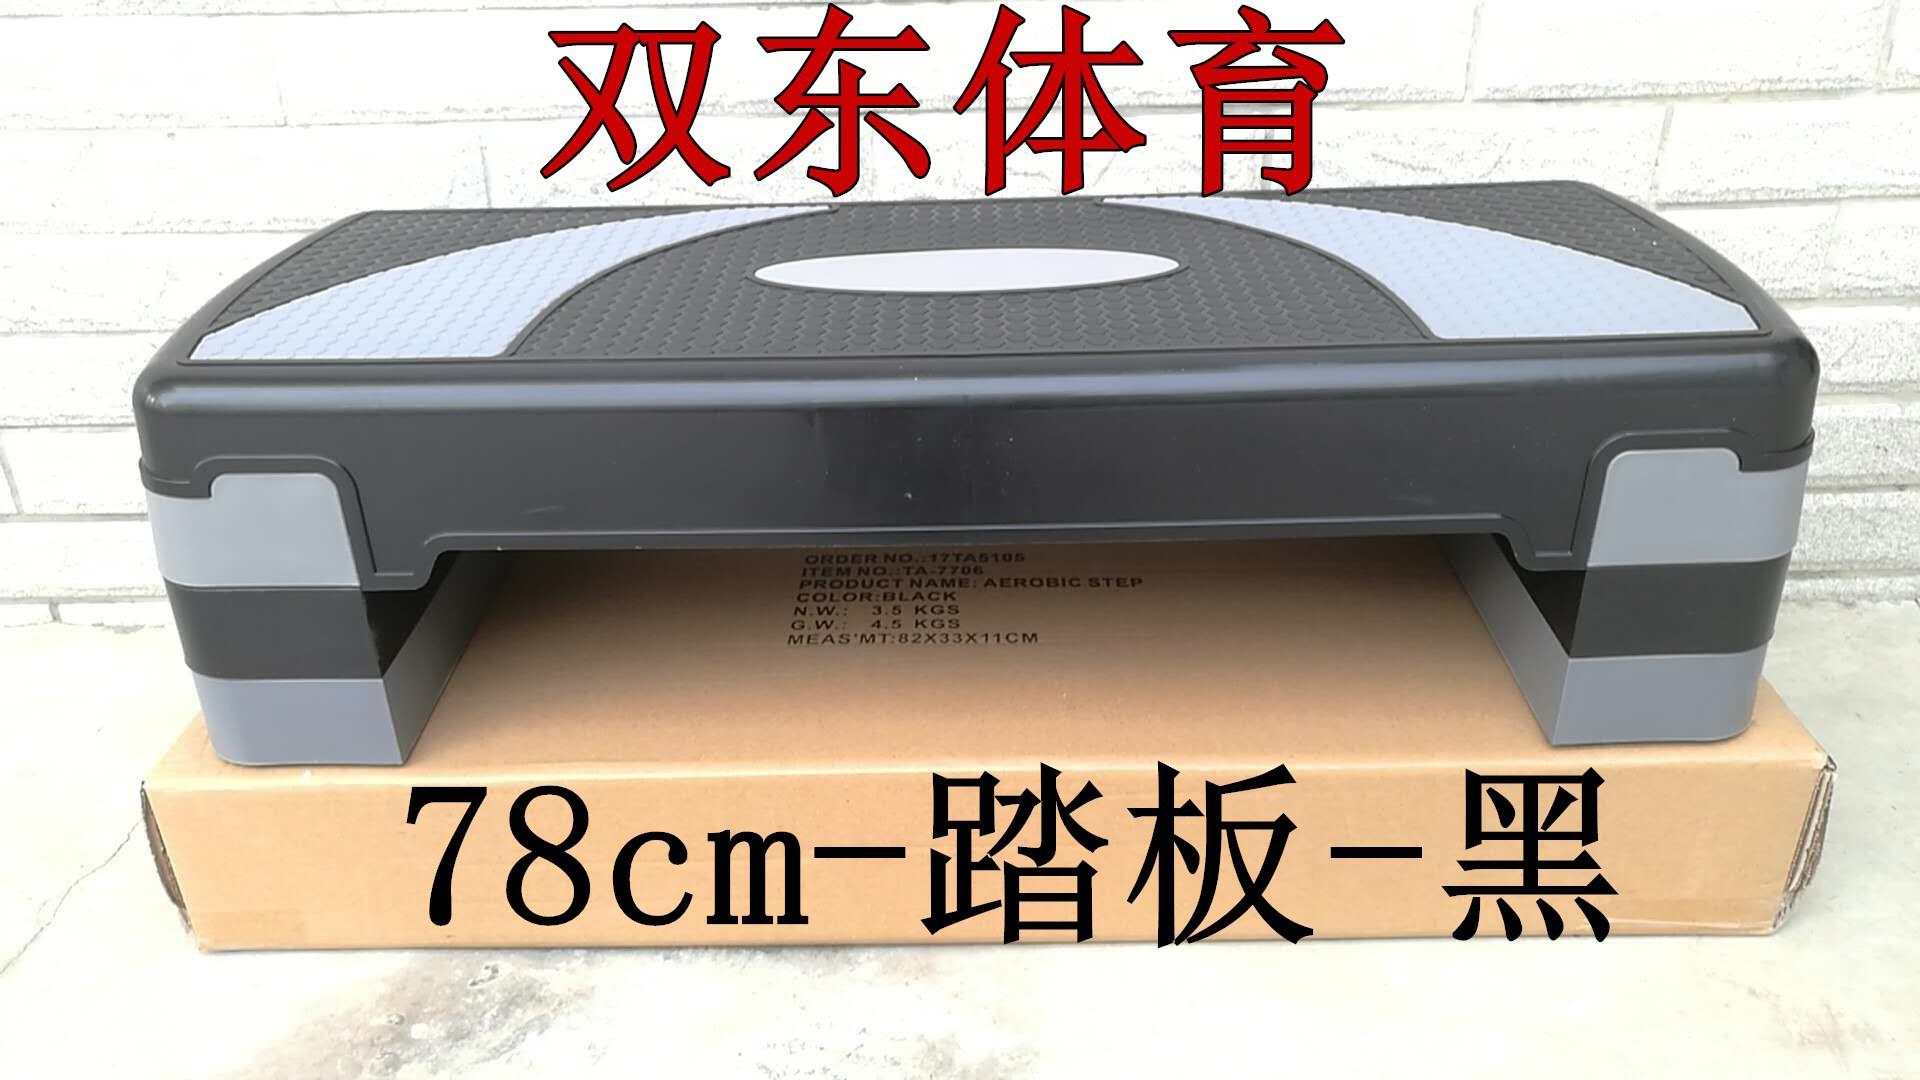 Bục aerobic dậm nhảy 750 điều chỉnh độ cao 3 mức màu đen xám